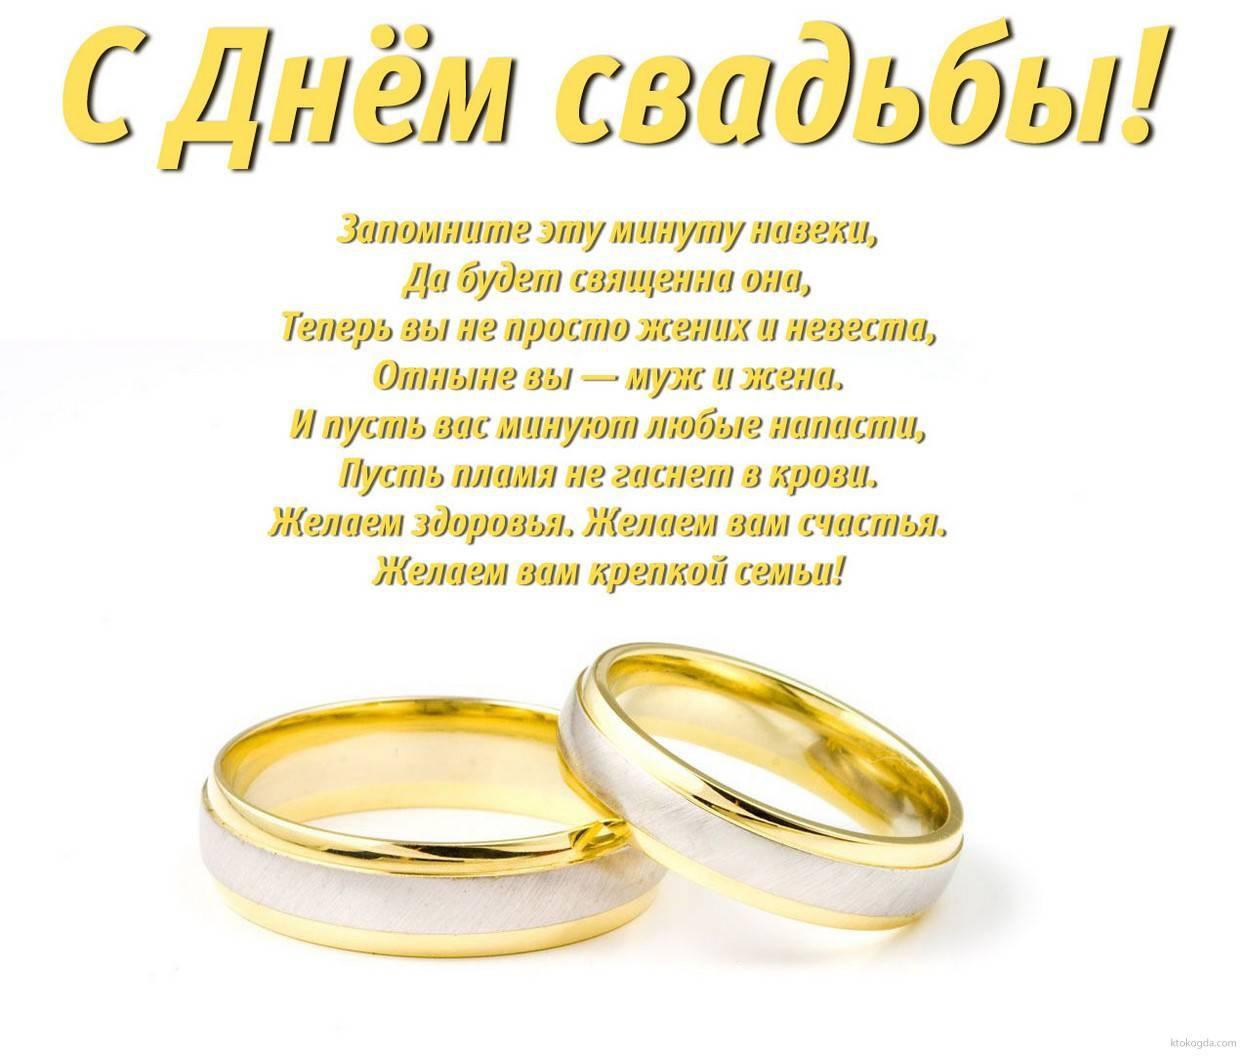 Поздравление сестре на свадьбу от сестры картинки, открытка для мужчин